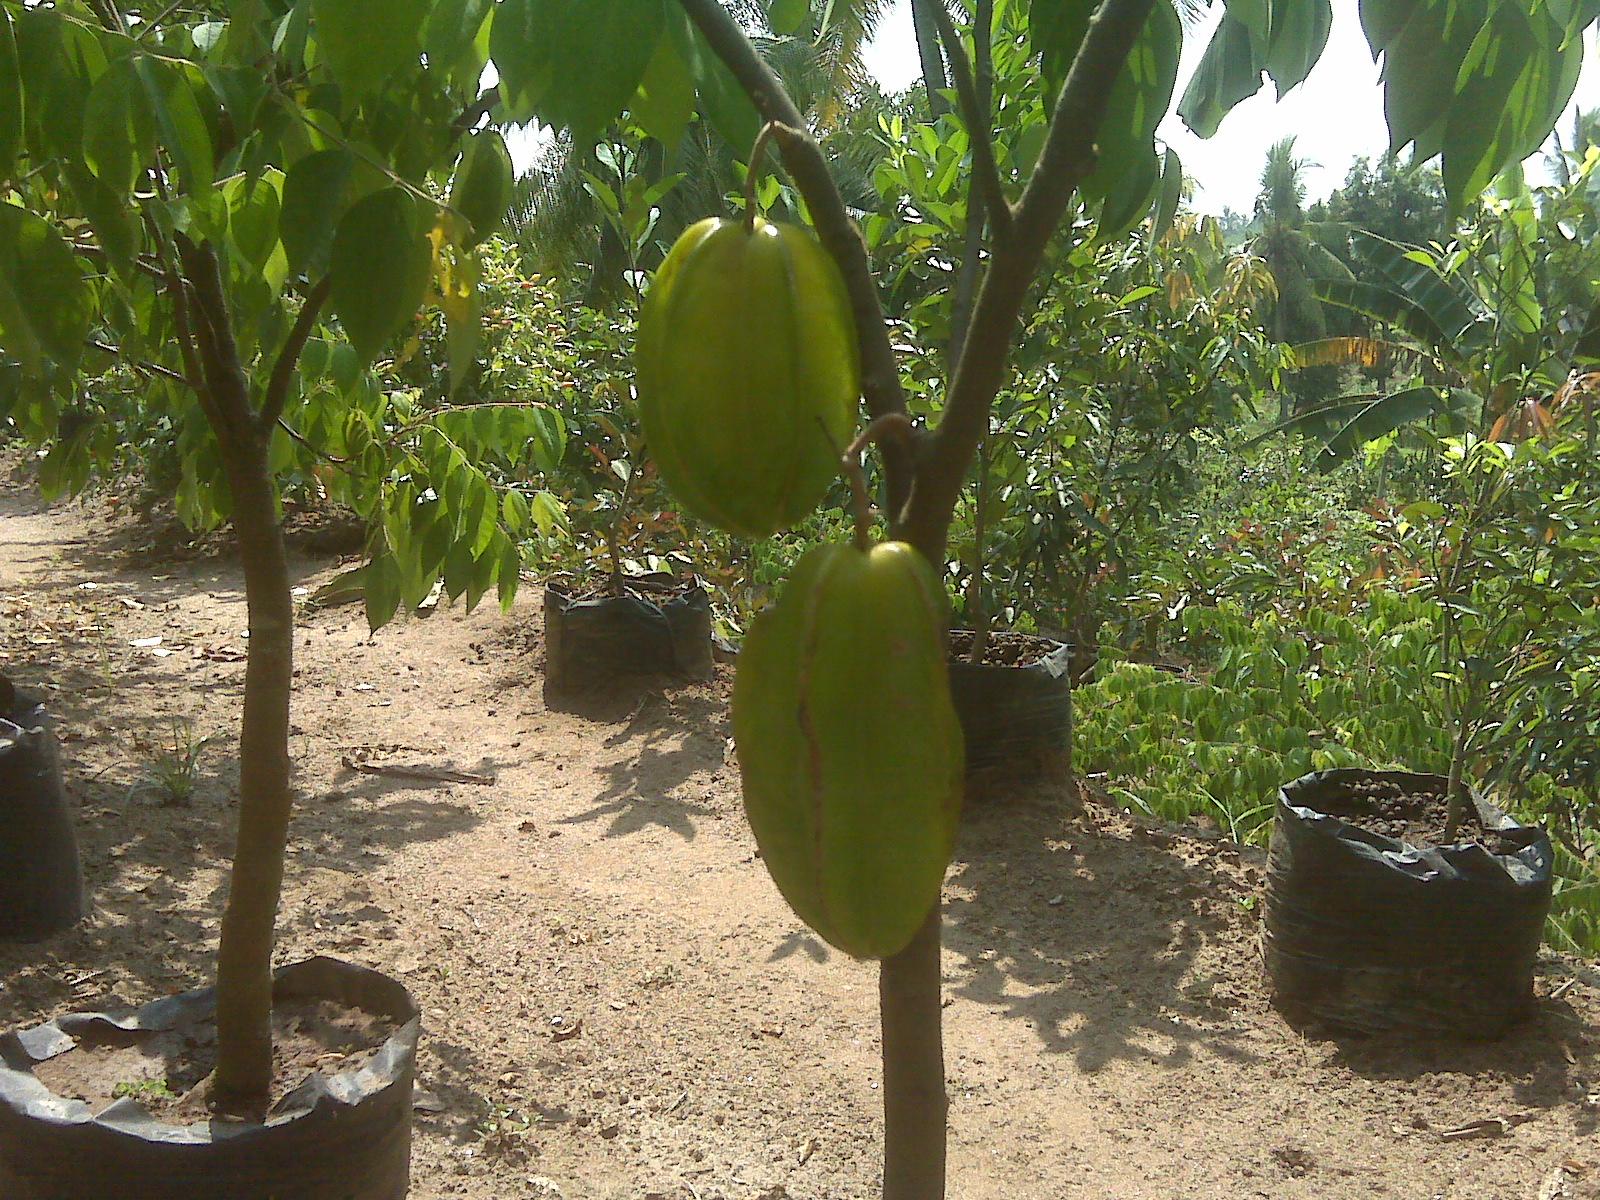 budidaya buah naga dan pembibitan newhairstylesformen2014